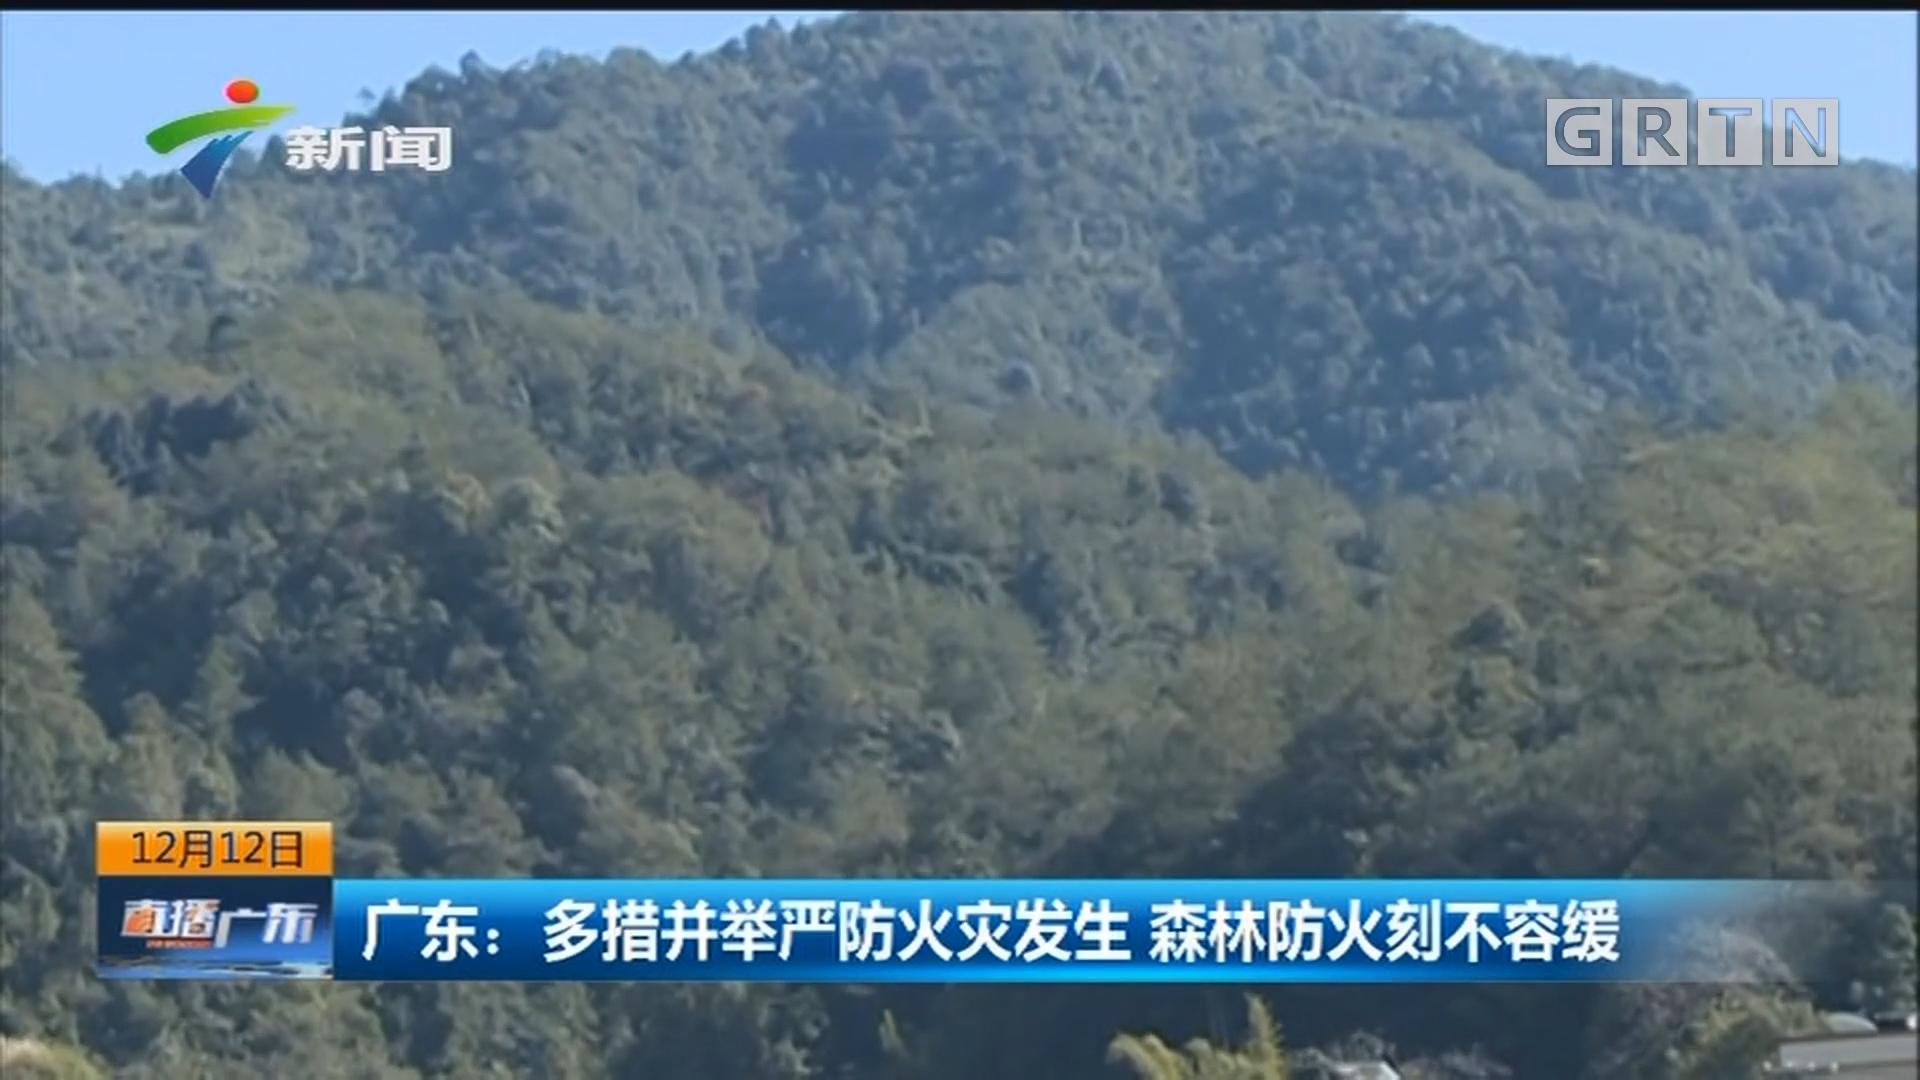 广东:多措并举严防火灾发生 森林防火刻不容缓